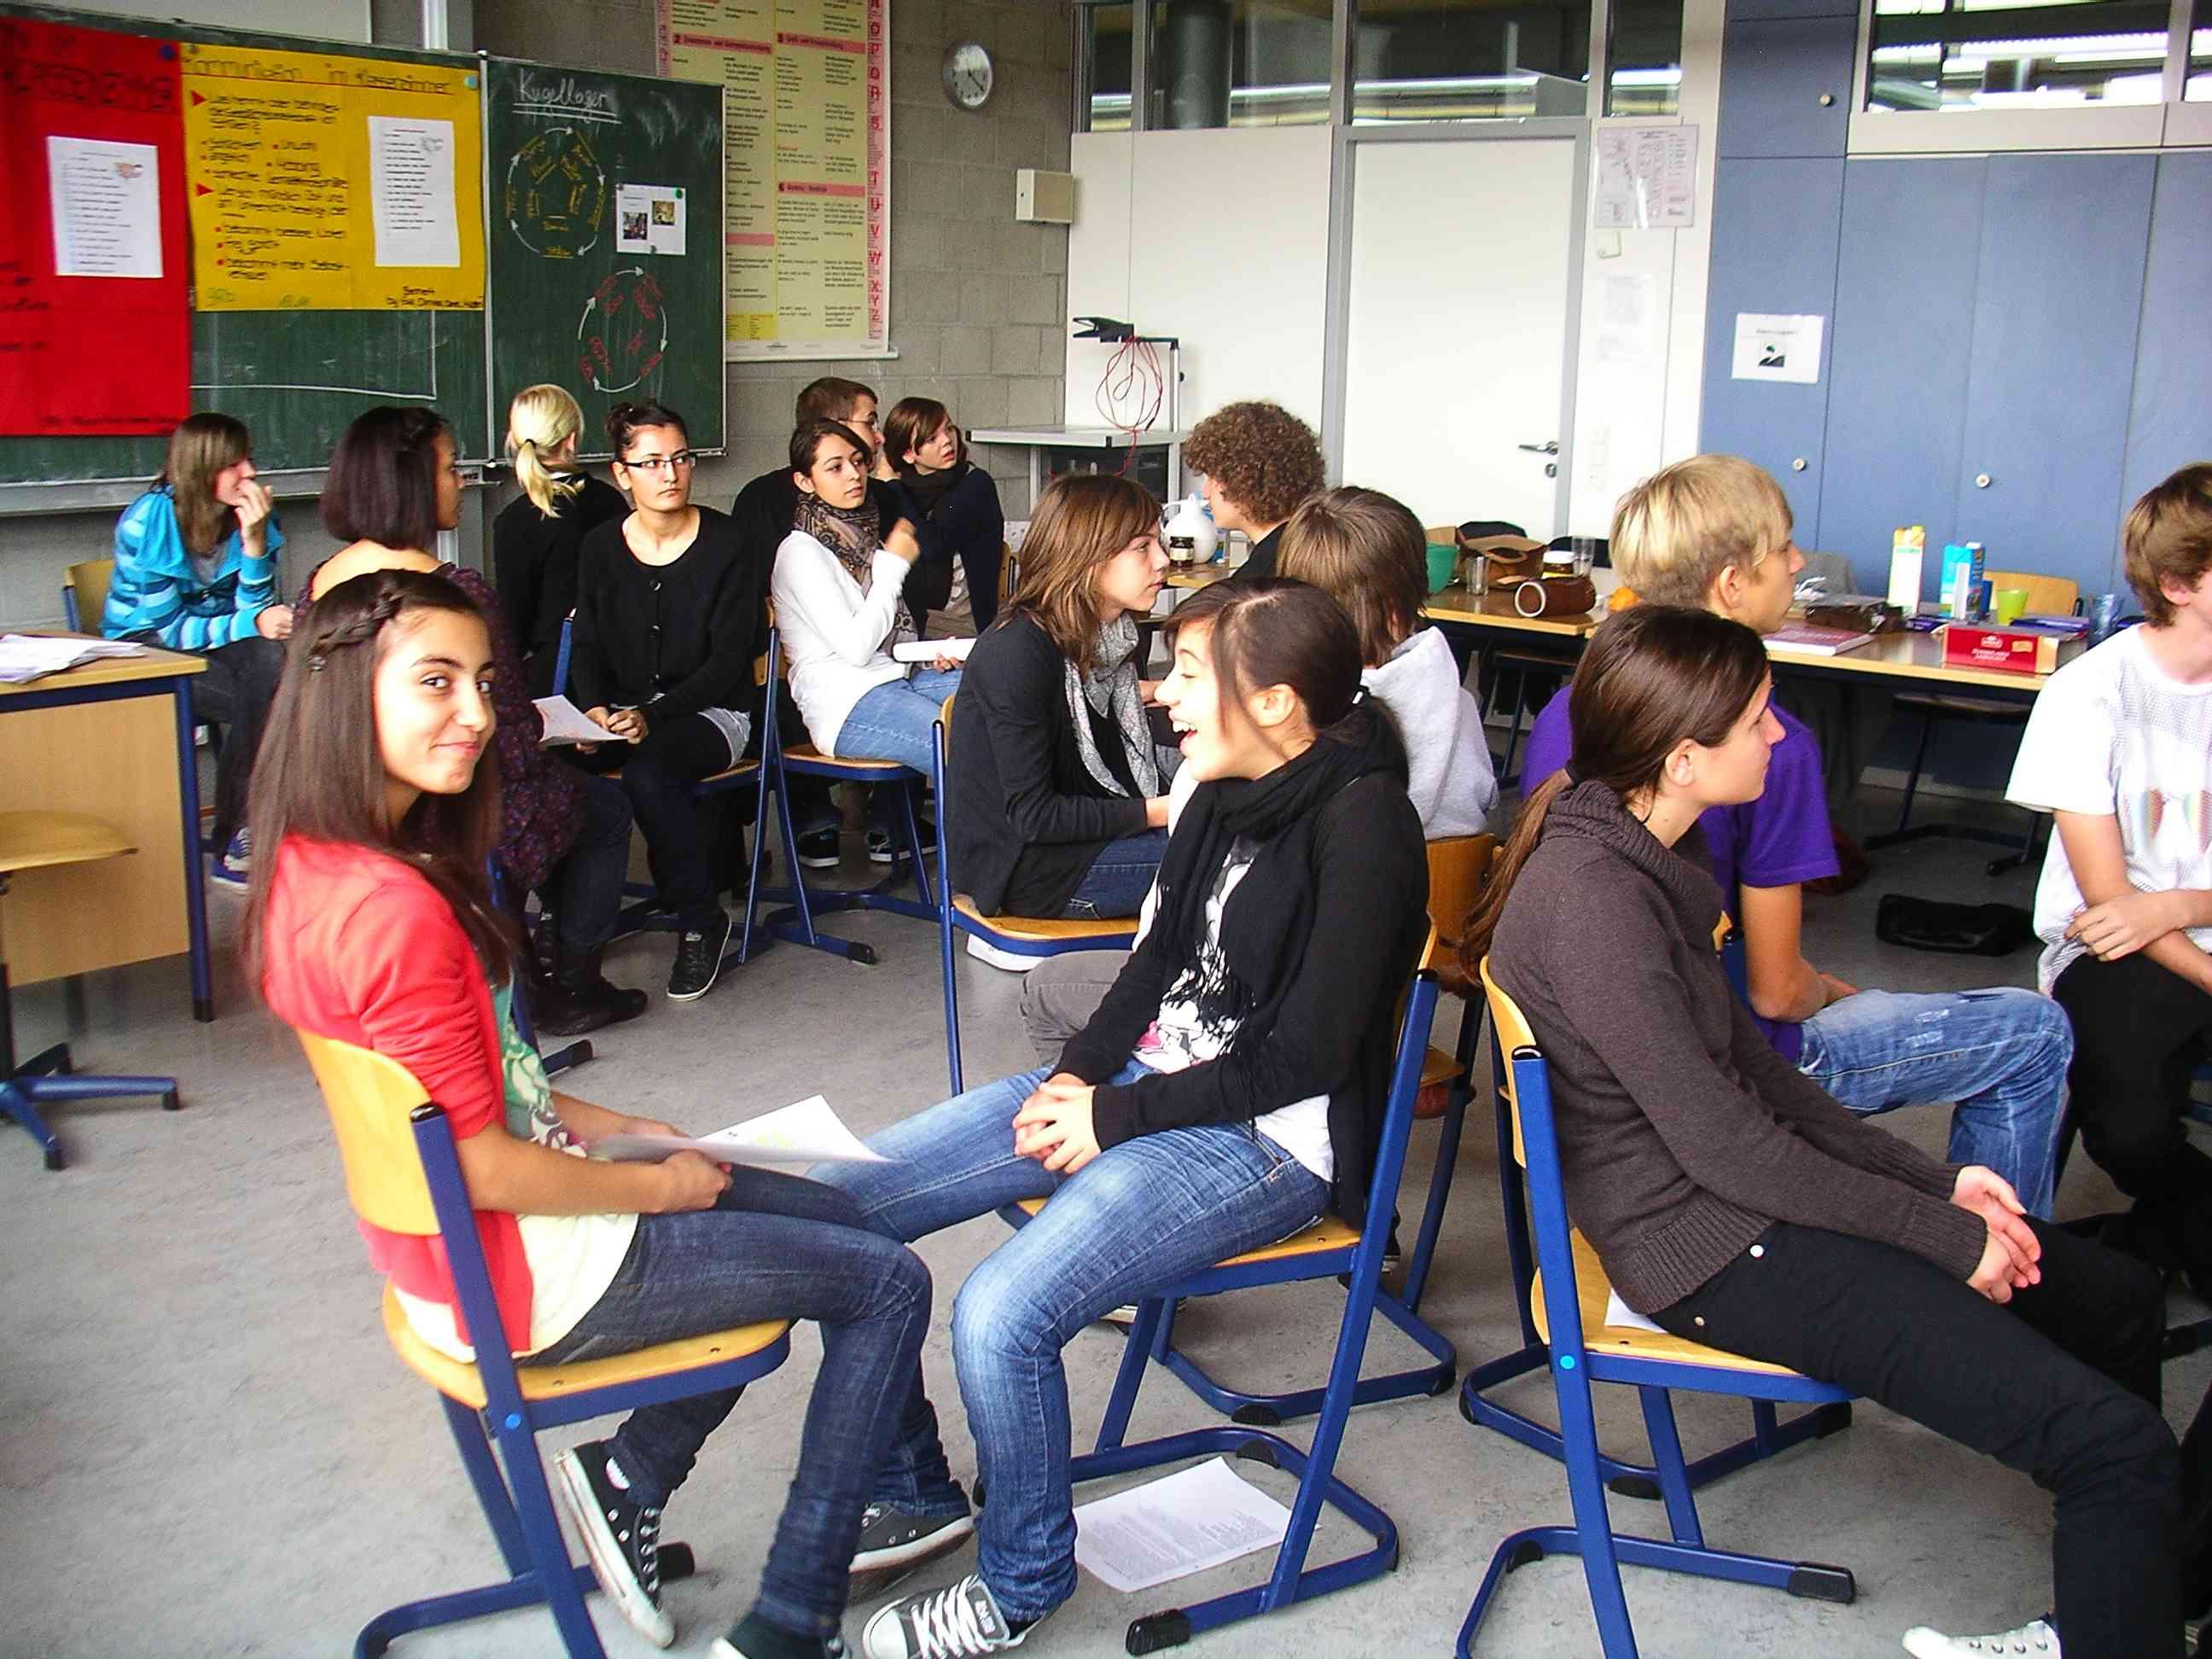 Stuhlkreis schule  Bönnigheim - Methodentag